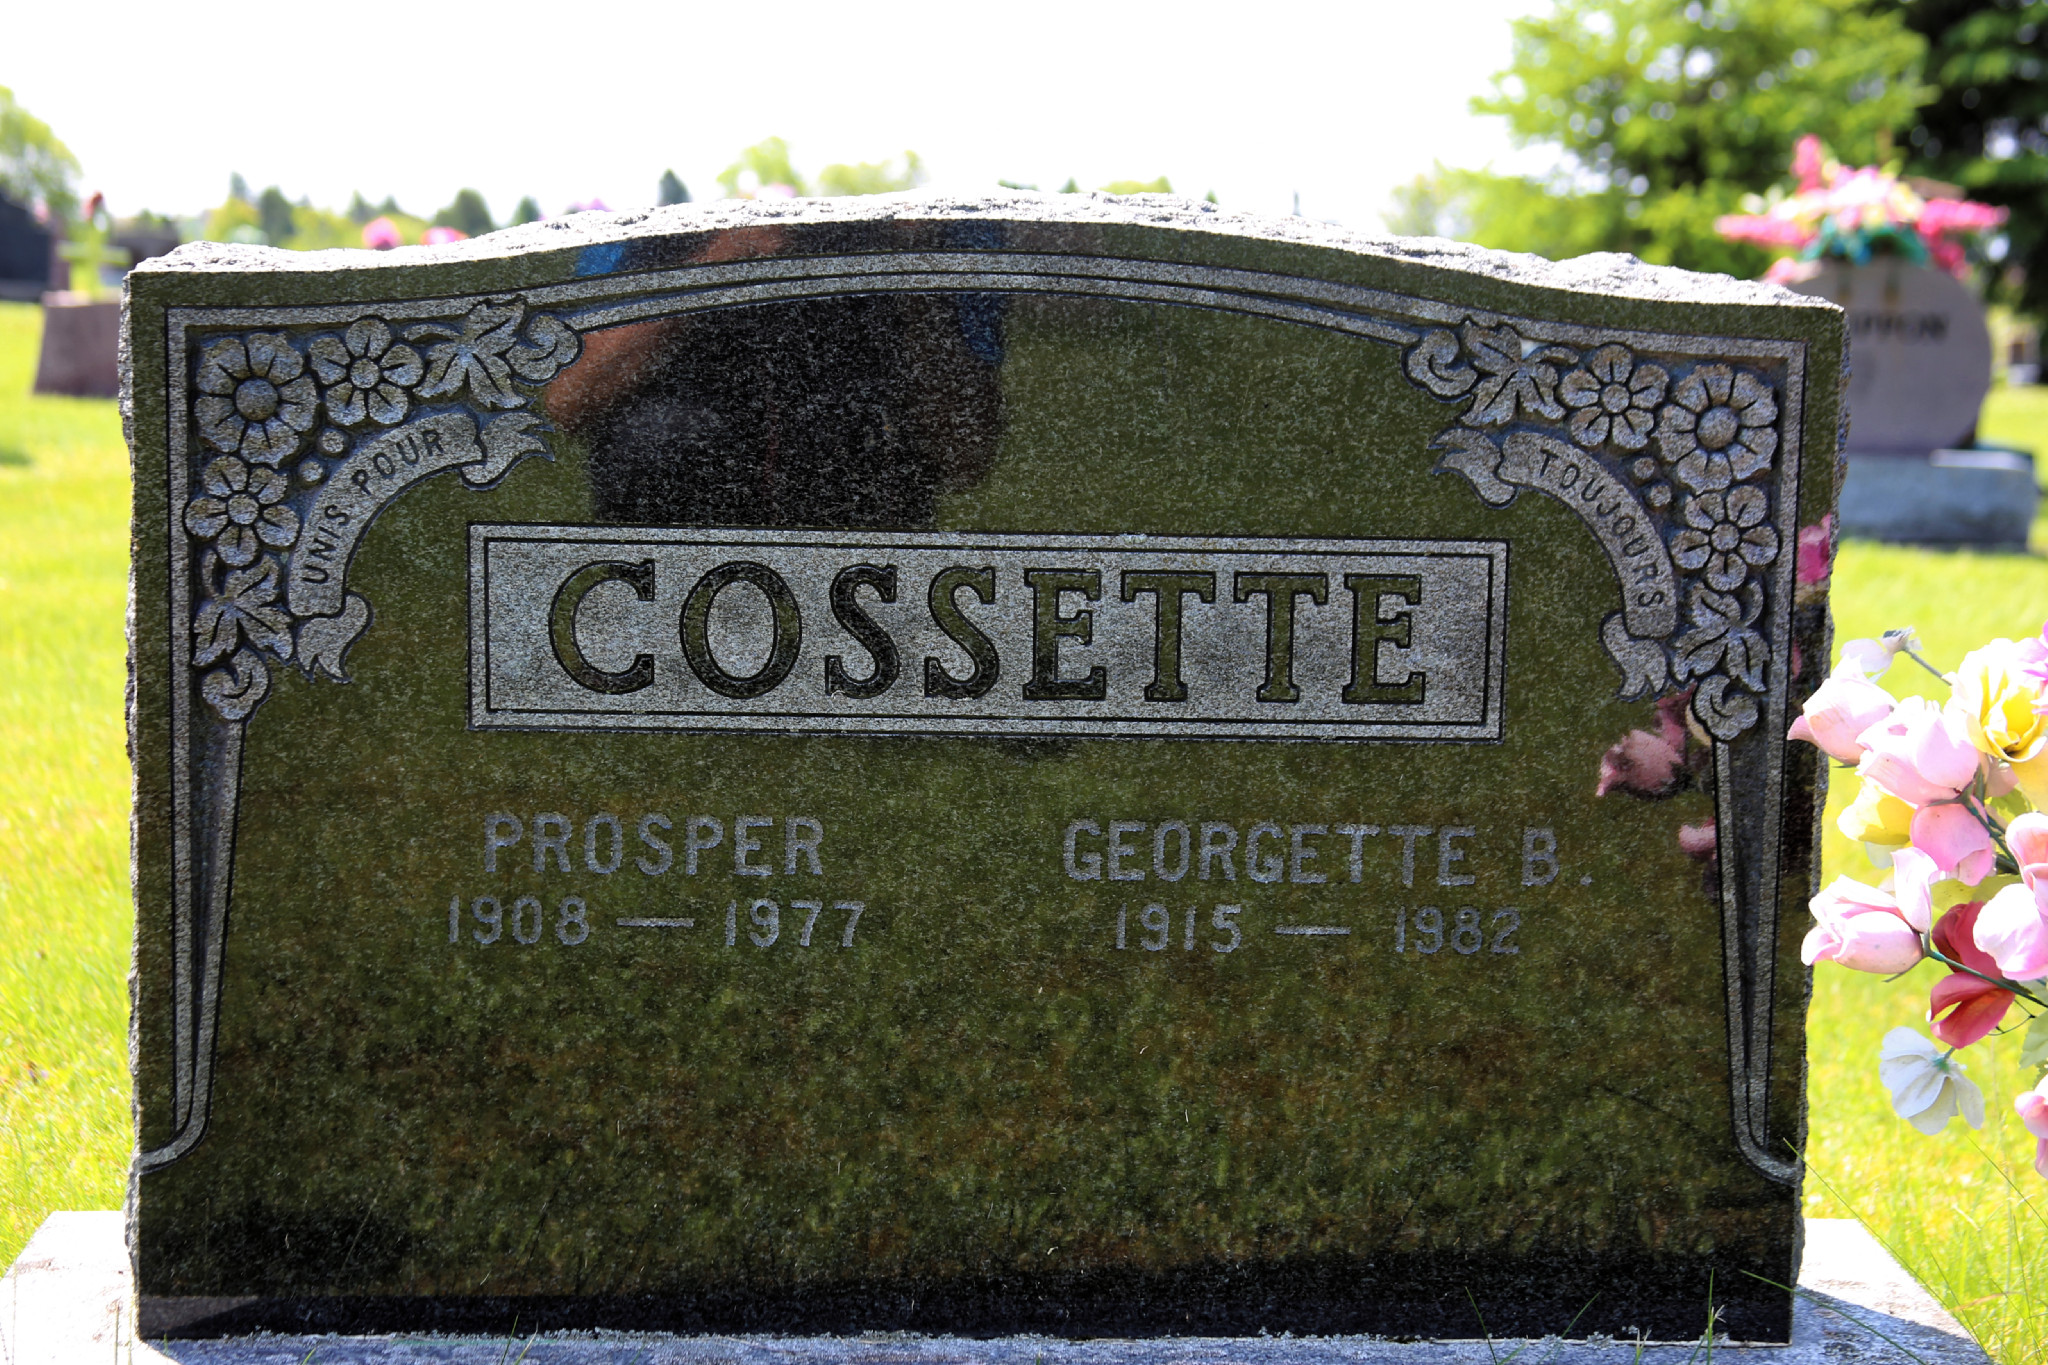 Prosper Cossette